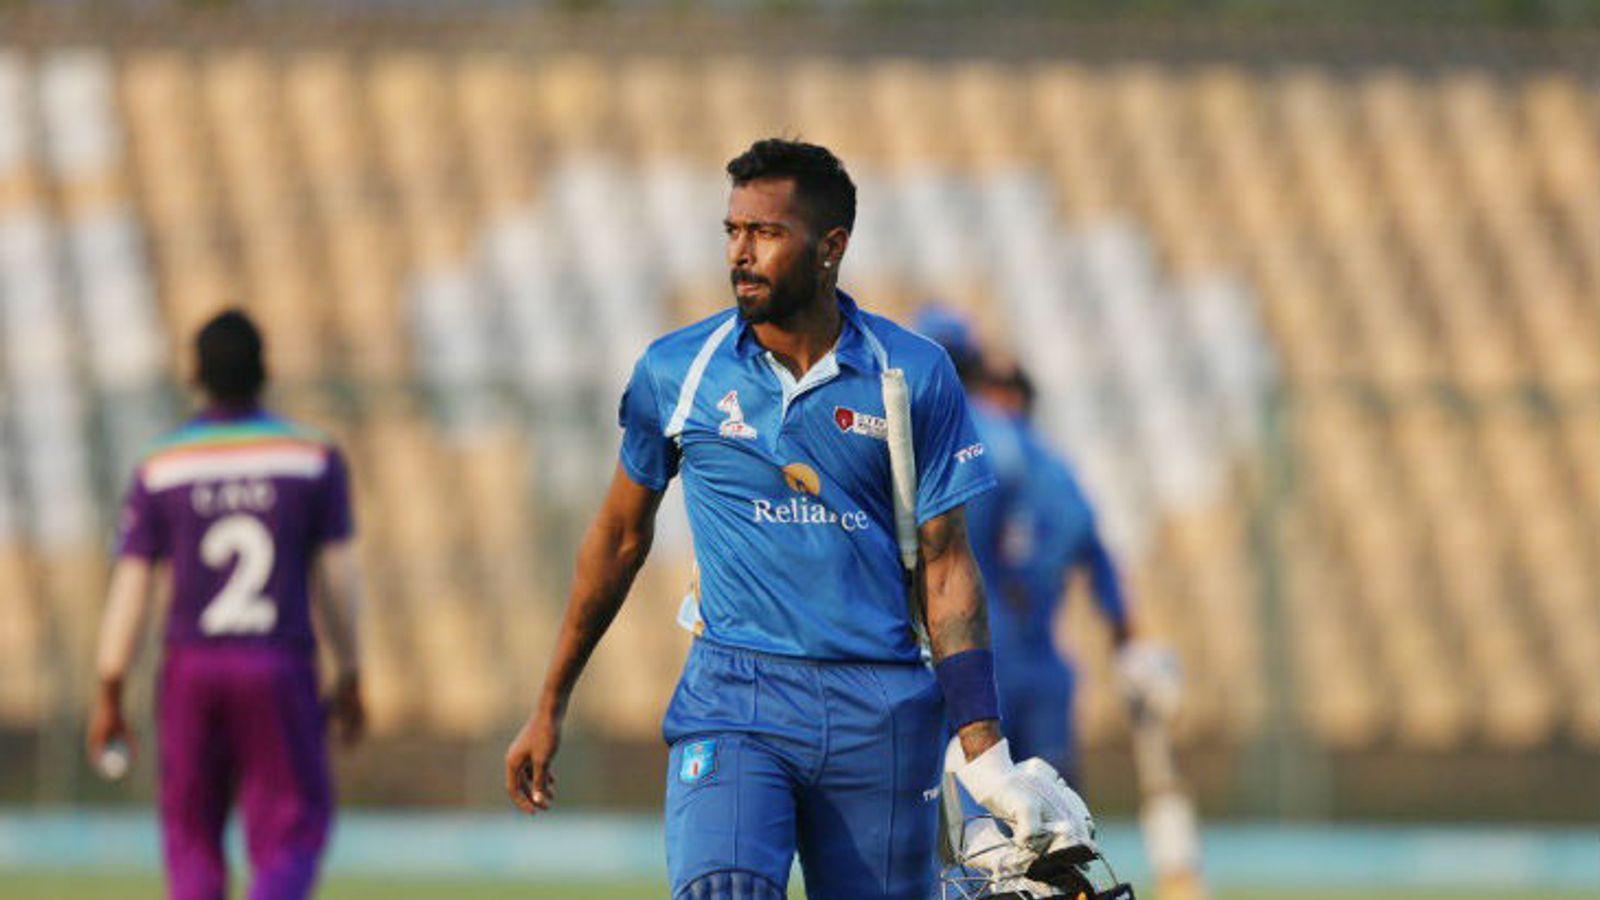 Hardik Pandya Century in DY Patil T20 Cup Shikhar Dhawan Out | चोट के बाद वापसी कर रहे पंड्या ने 37 गेंद पर शतक लगाया, शिखर धवन शून्य पर आउट - Dainik Bhaskar